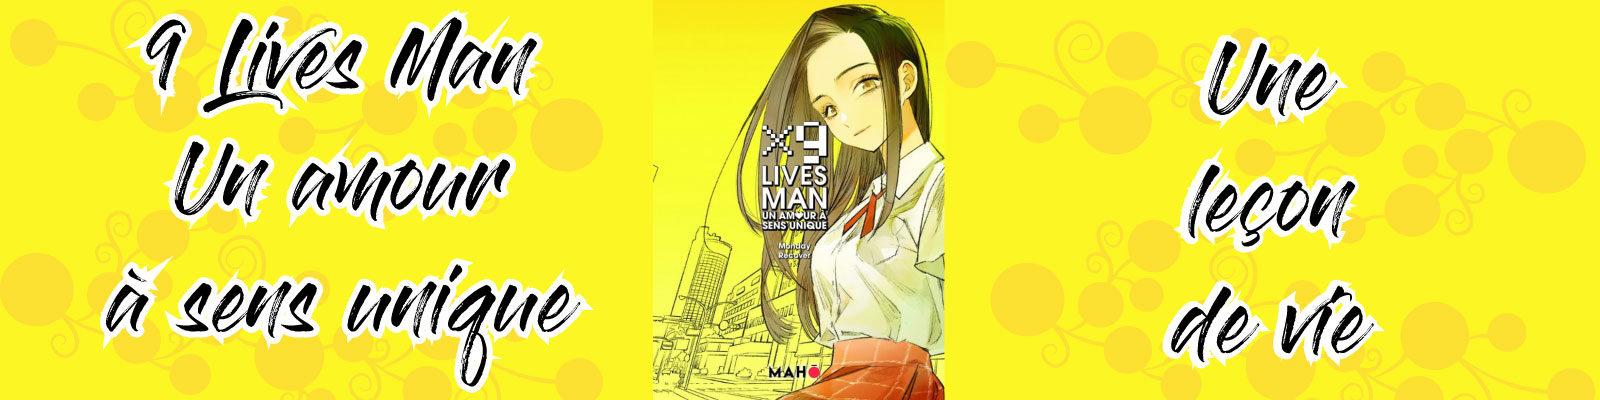 9 Lives Man-–-Un-amour-à-sens-unique-2